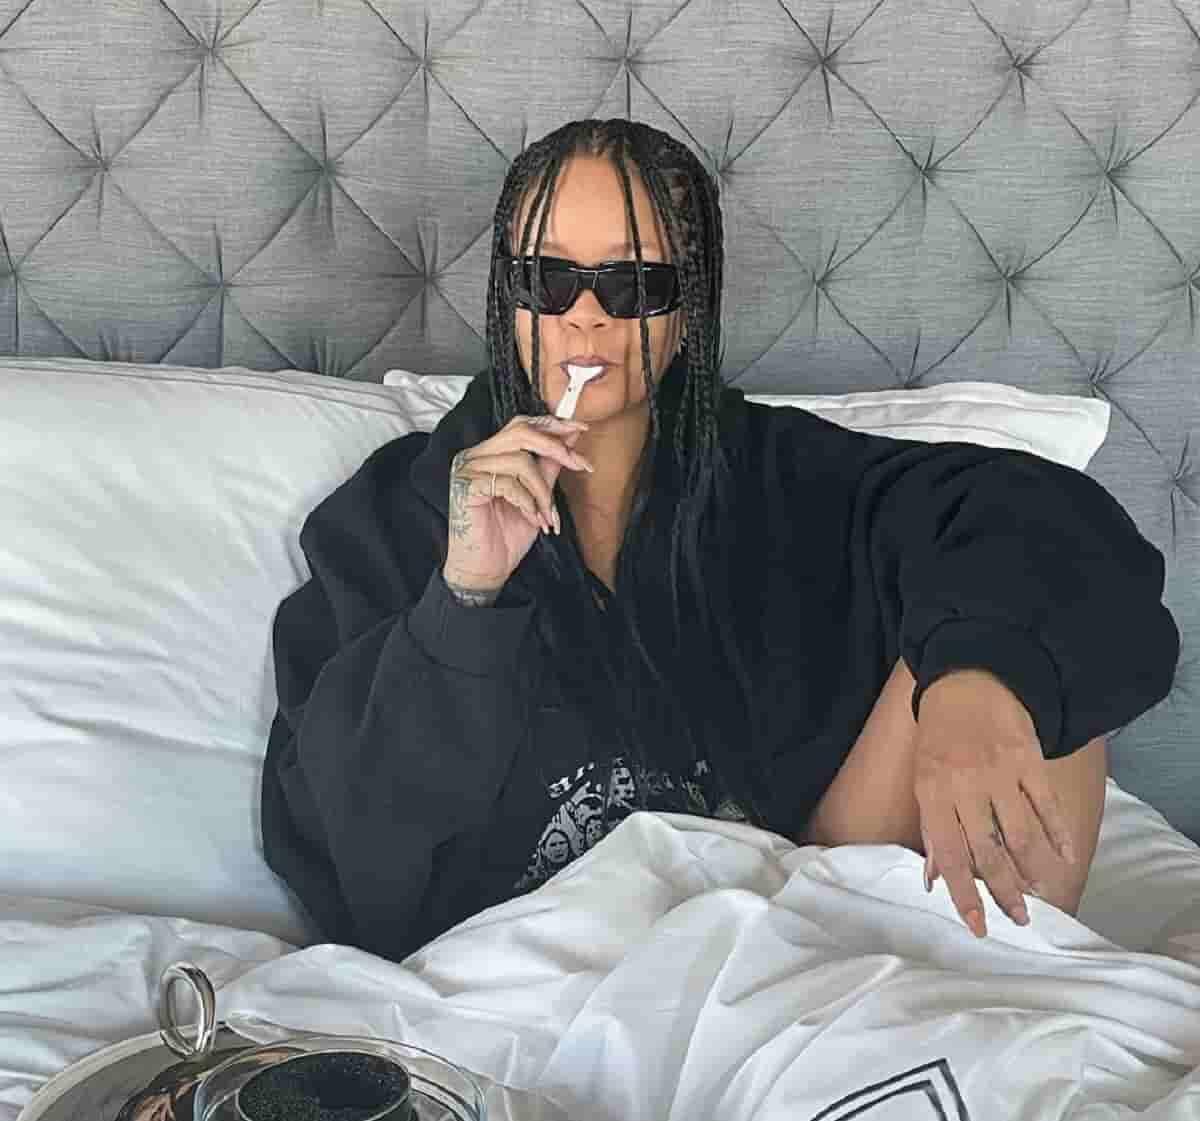 Rihanna come caviar na cama para comemorar venda de perfume de sua marca, Fenty. Fotos: Reprodução/Instagram